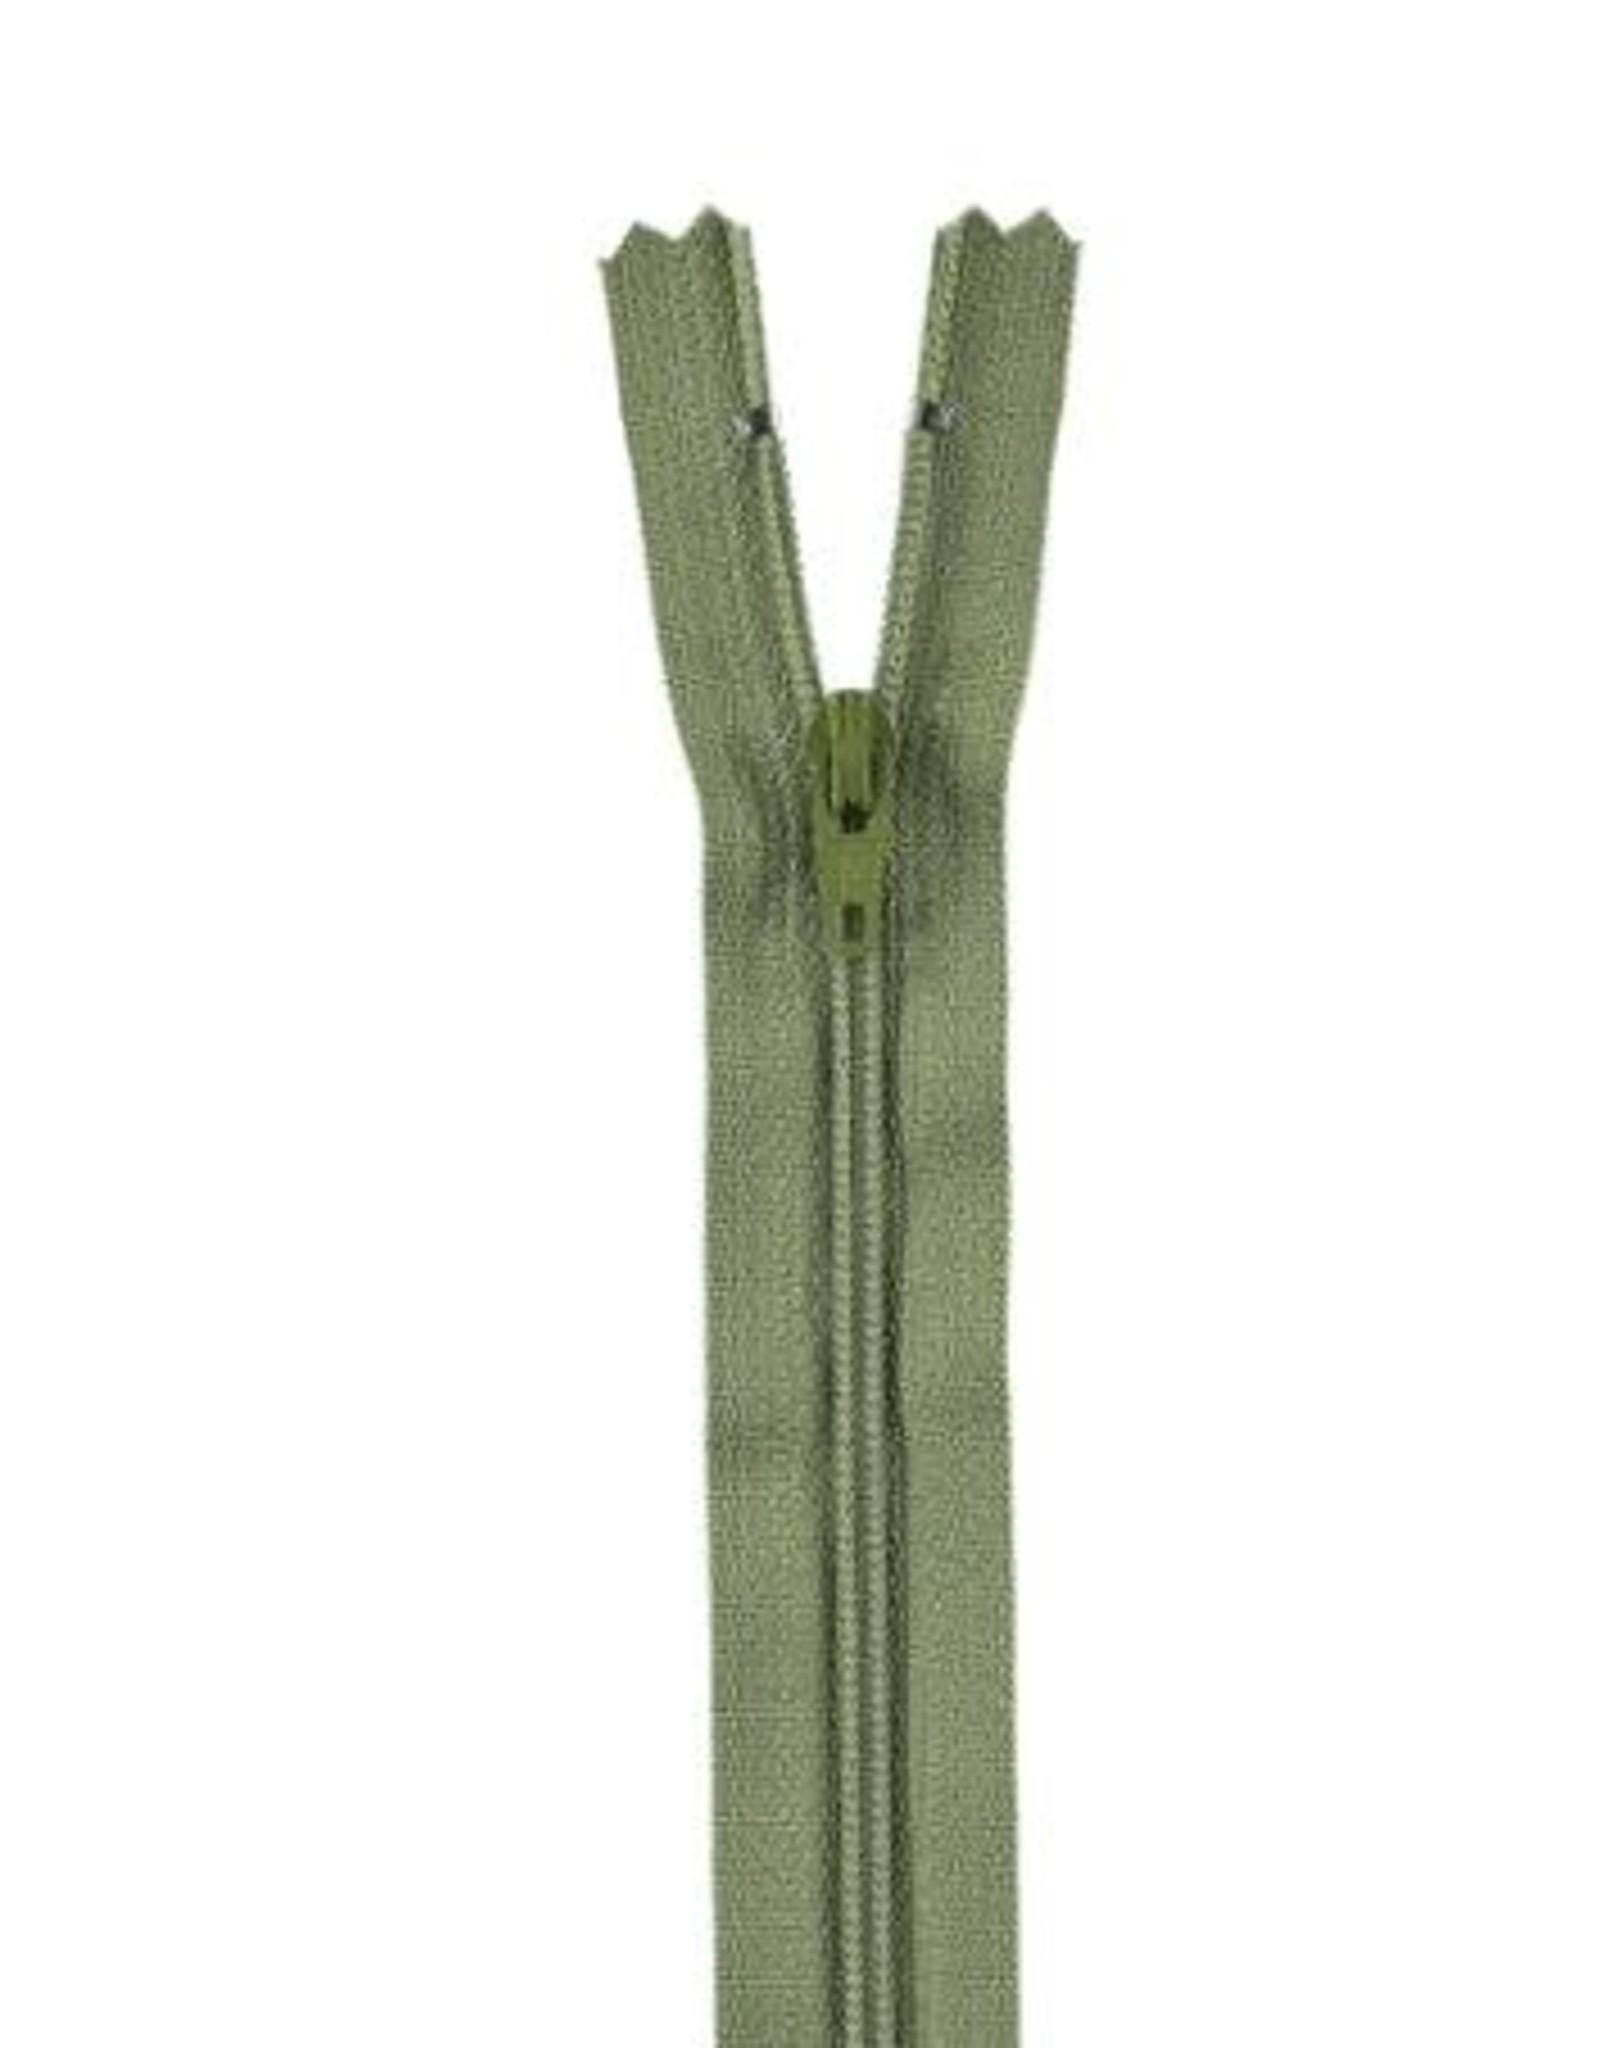 YKK Spiraalrits niet-DB 3mm mosgroen 888-50cm